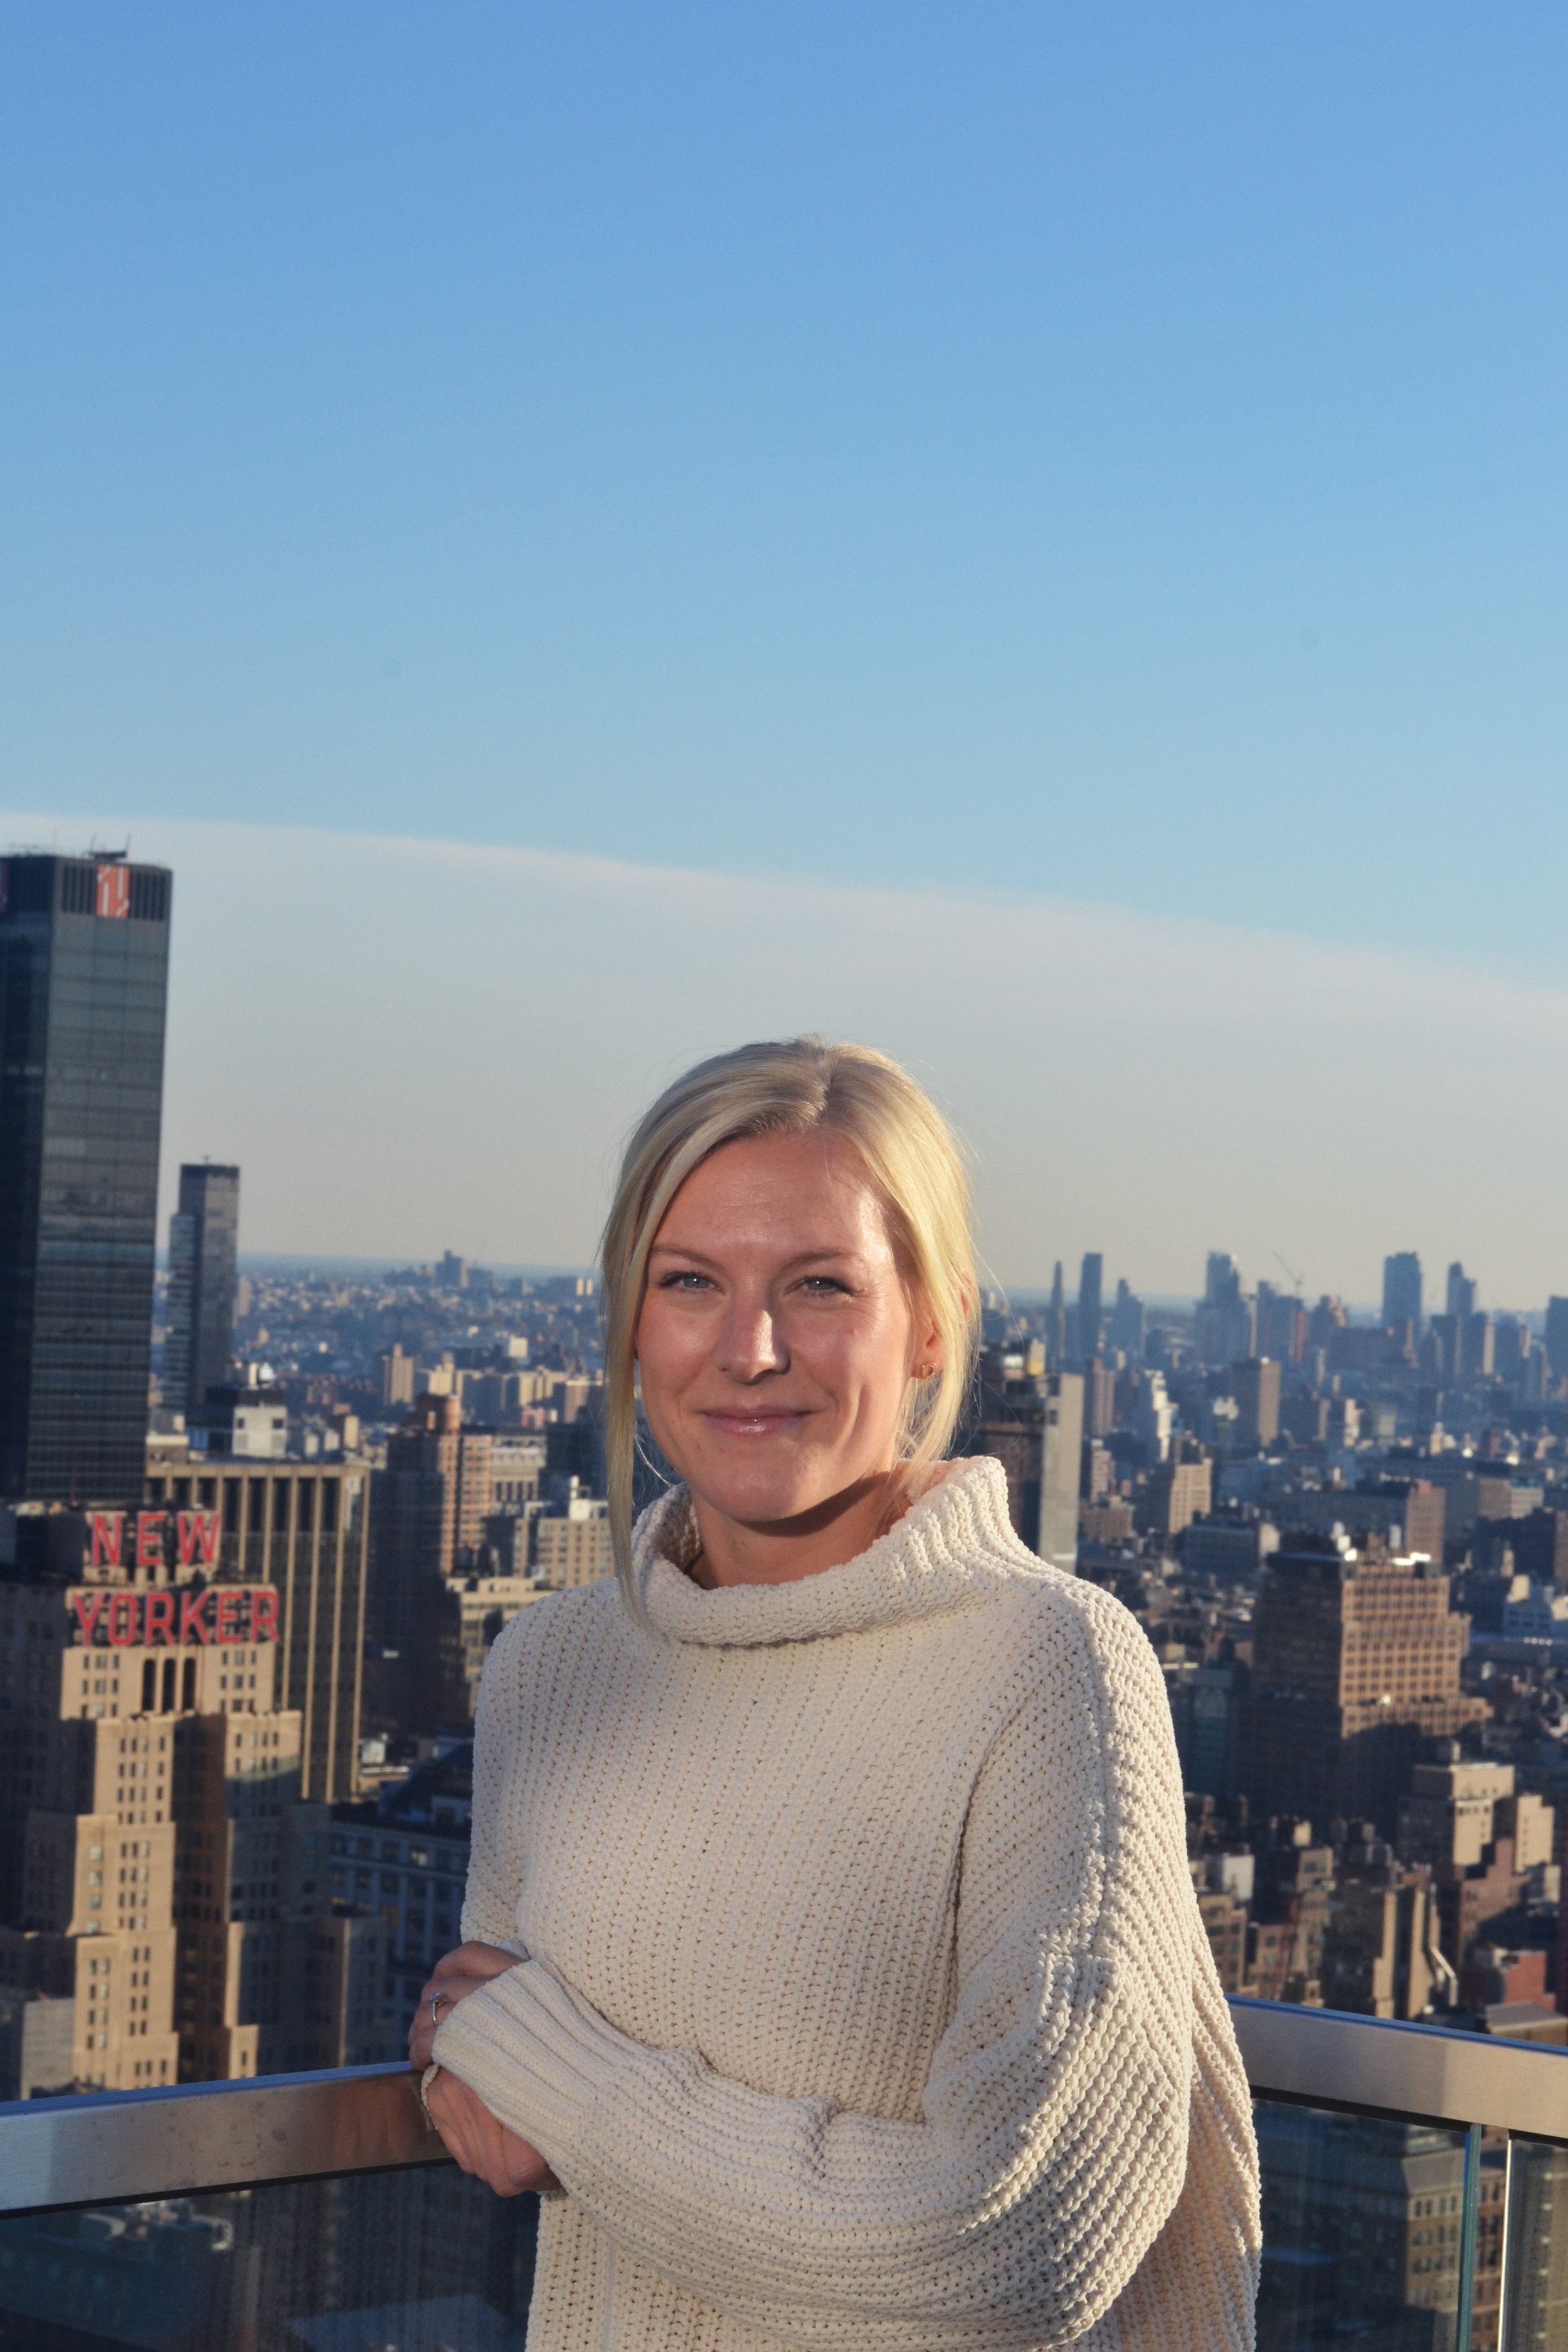 Andreas Manhattan - Från Chelsea till Lower East Side